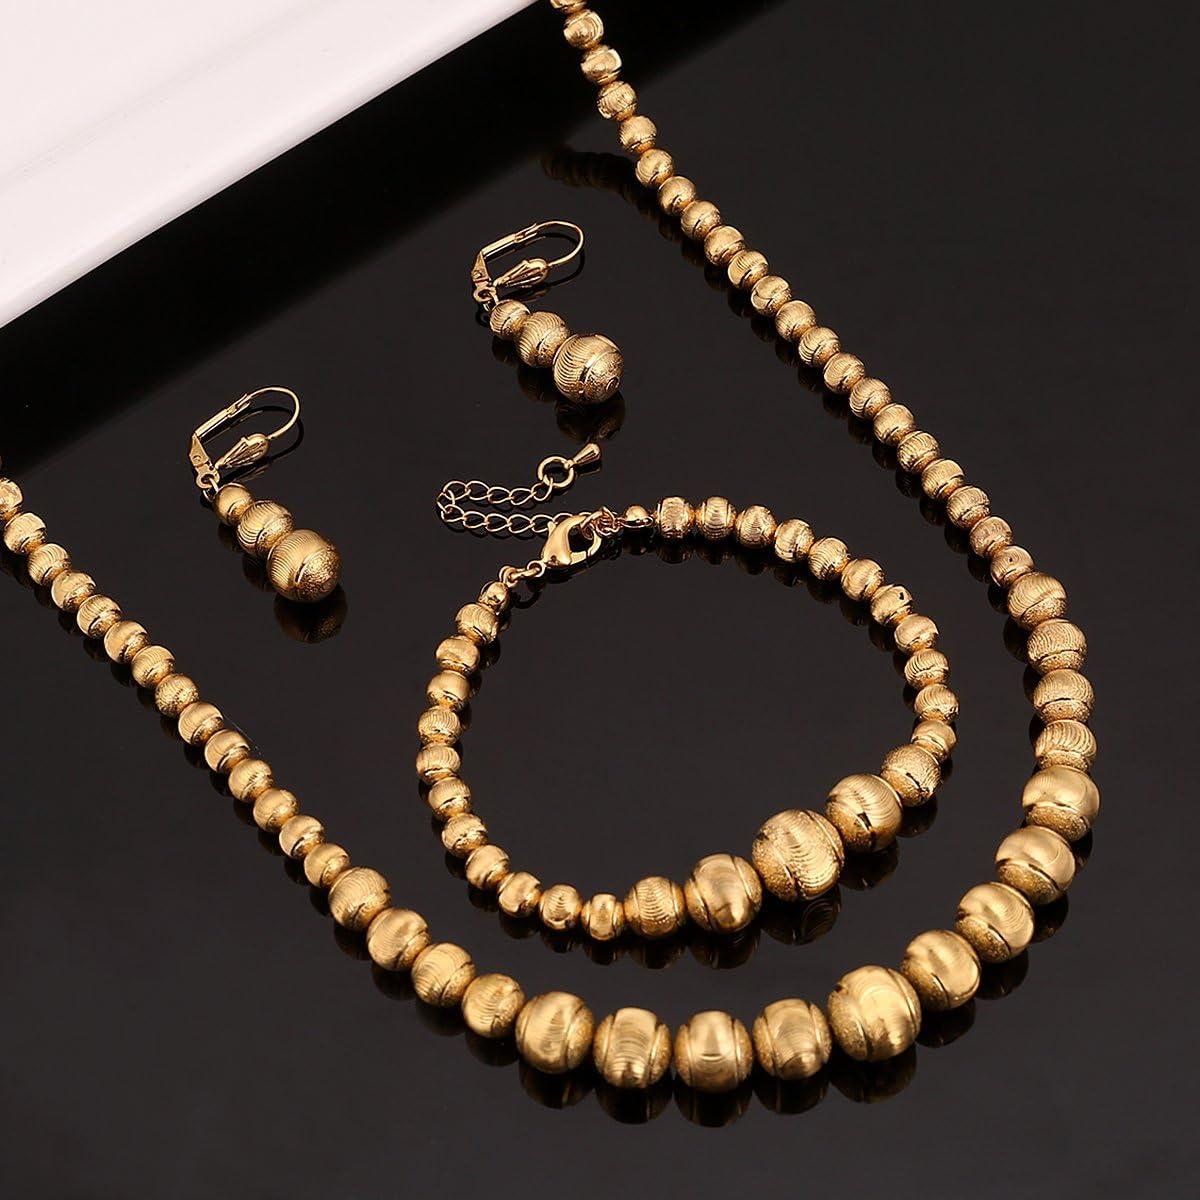 Collier de Perles Boucles doreilles Bracelet Ensemble de Bijoux Boule Couleur Or Afrique Moyen-Orient Arabe d/Éthiopie des Ensembles